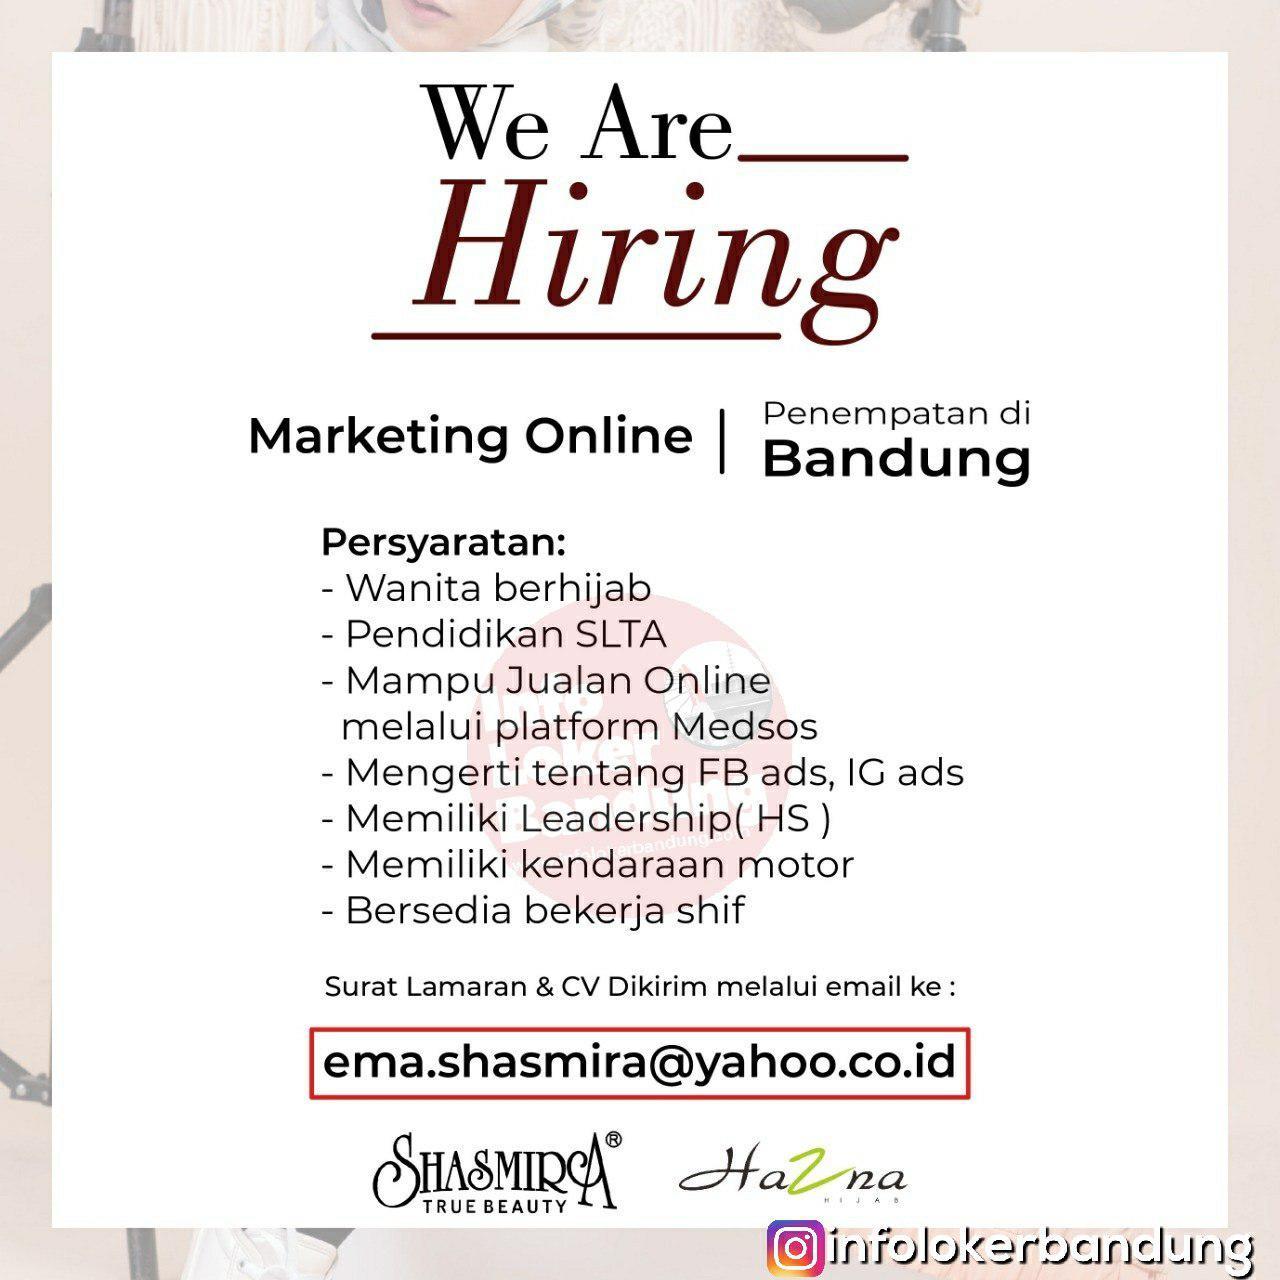 Lowongan Kerja Marketing Online Shasmira True Beauty Bandung Februari 2019